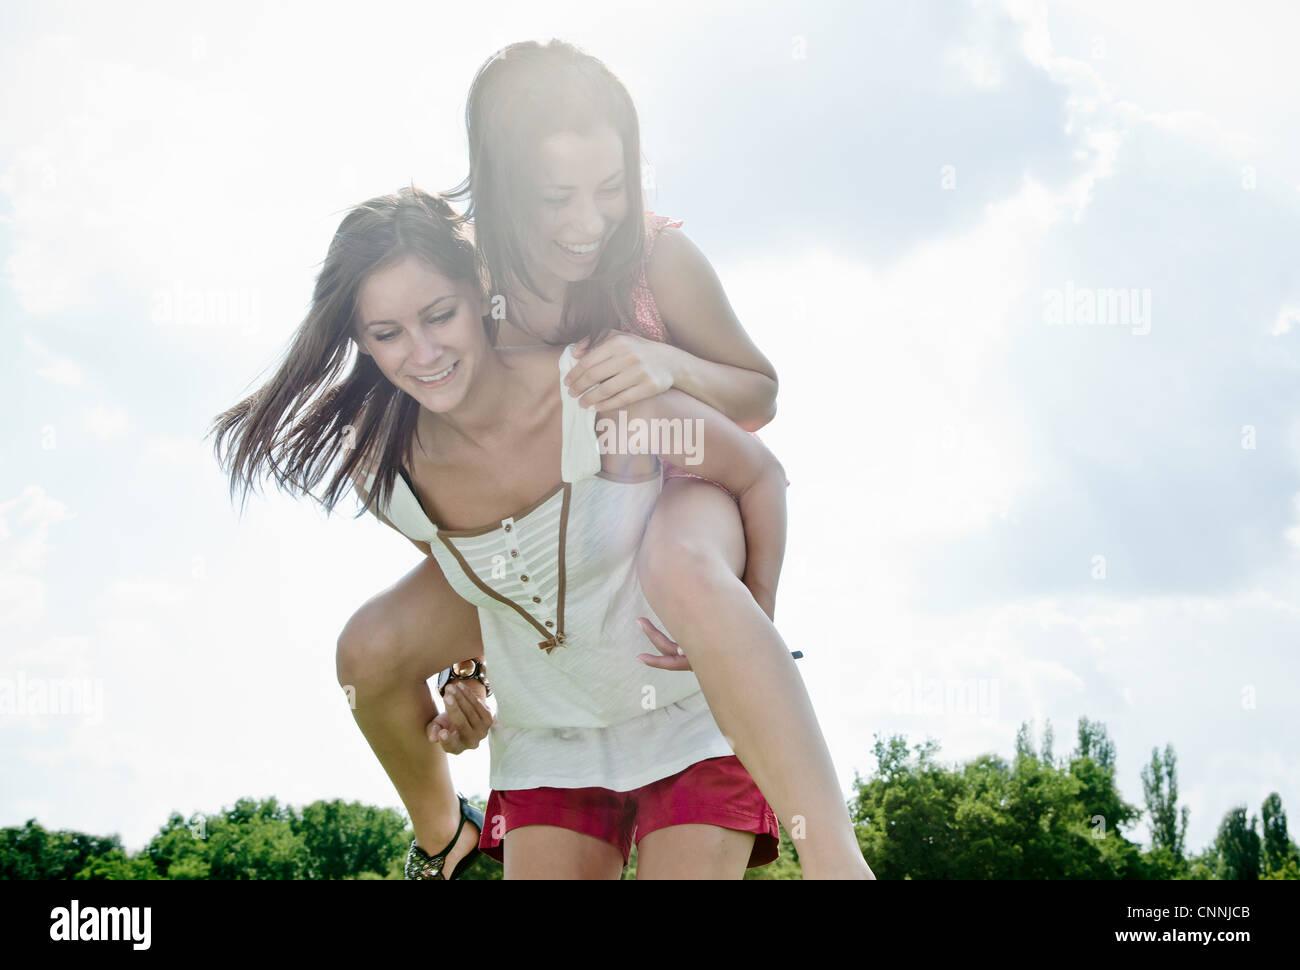 Lächelnde Frauen draußen zusammen zu spielen Stockbild